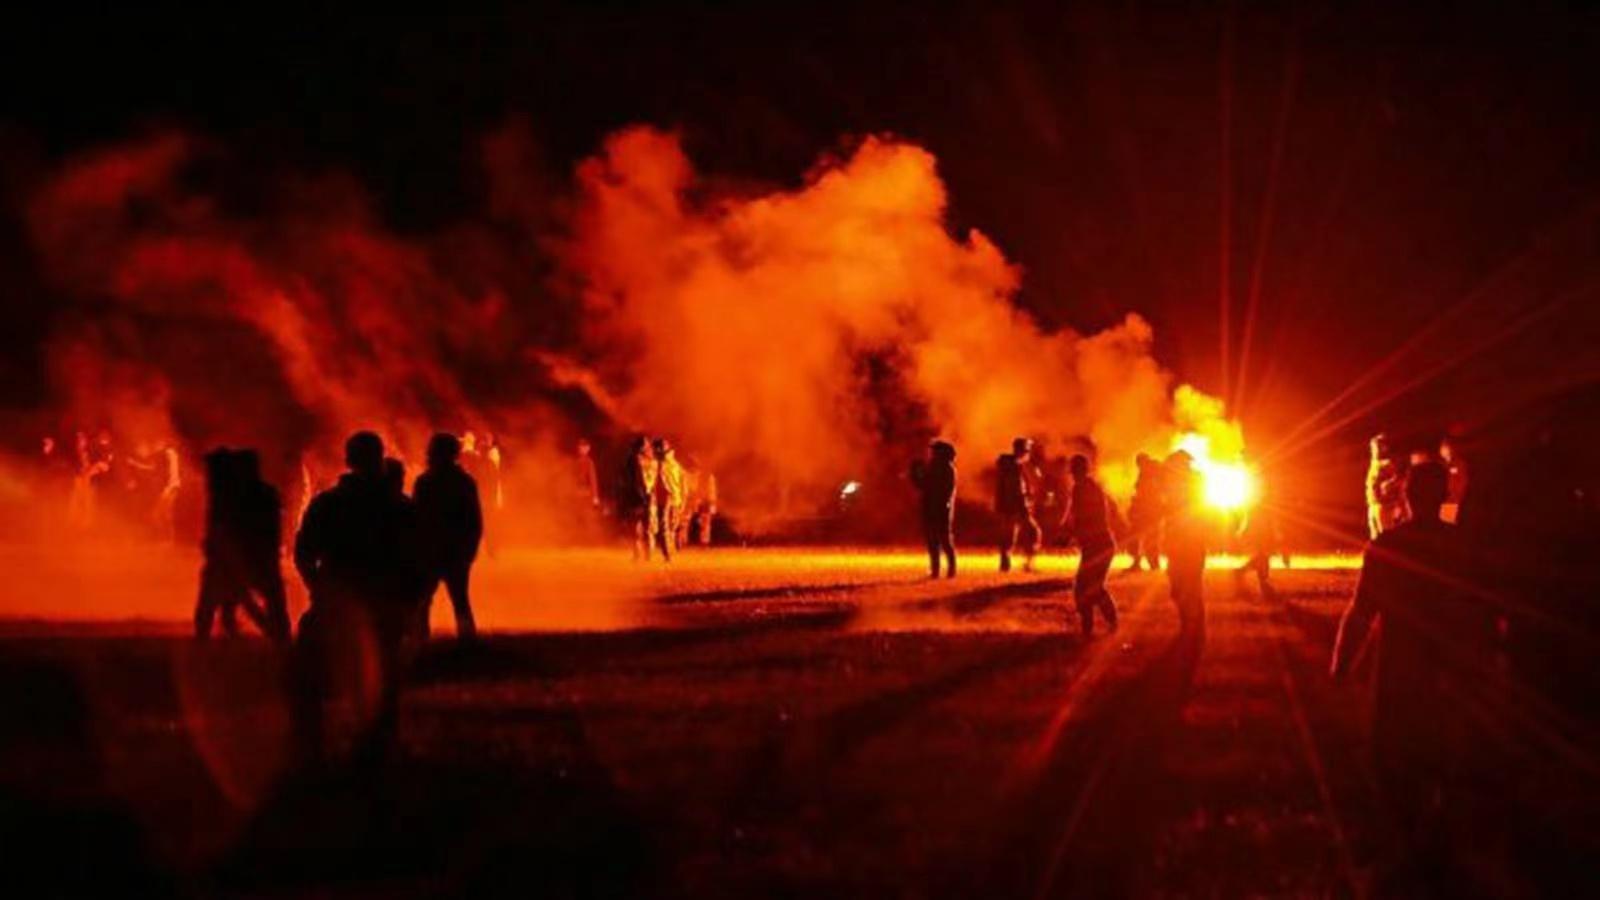 法国发生一起骚乱事件 致多人受伤